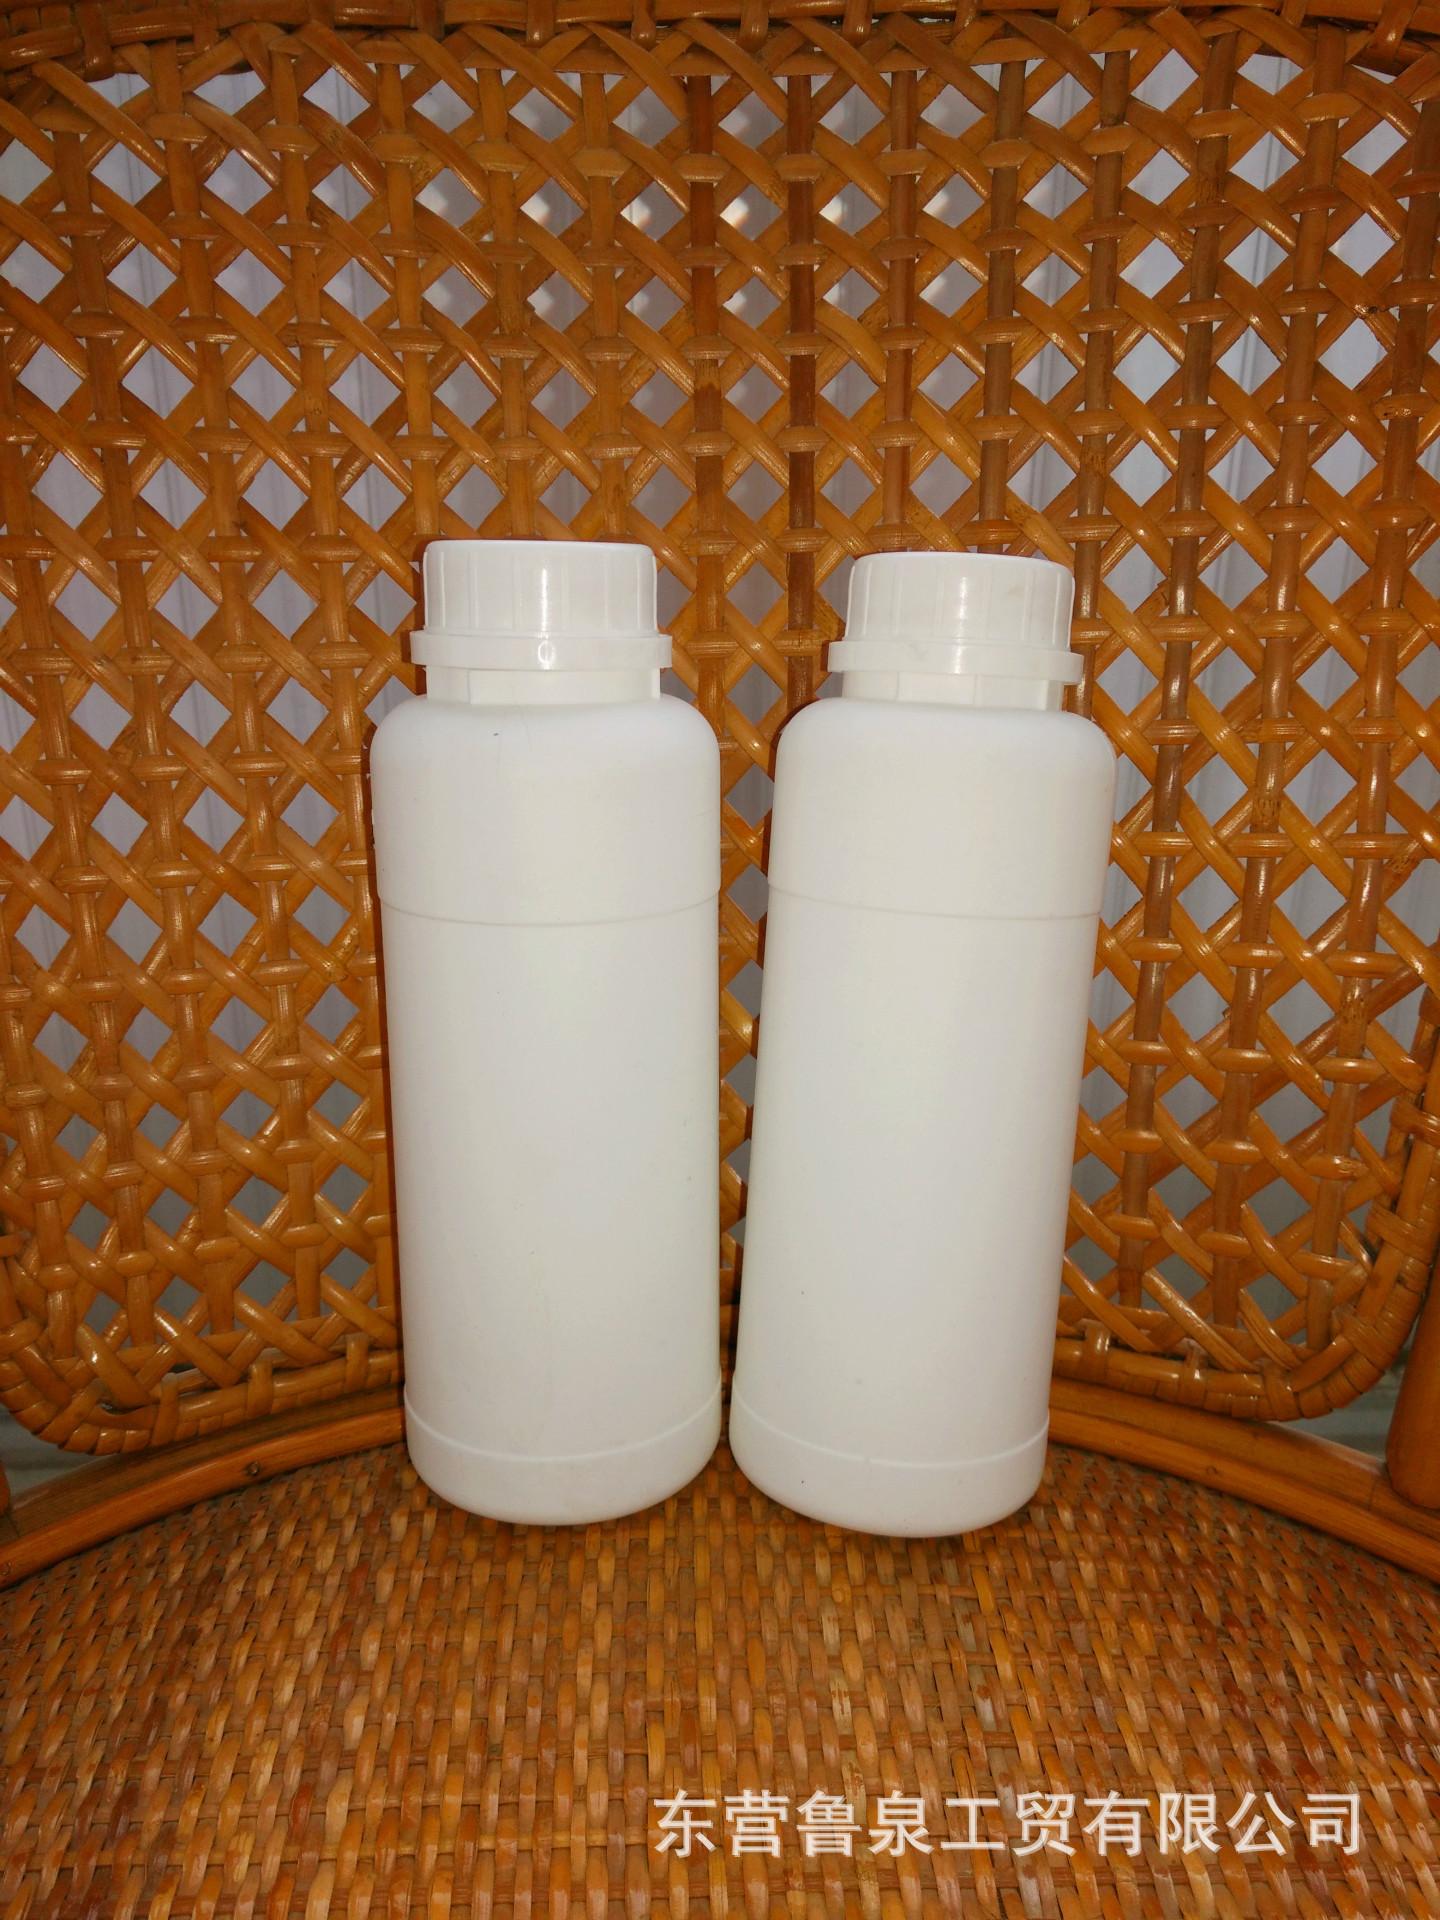 山东沥青稀释剂现货供应 沥青稀释剂厂家***